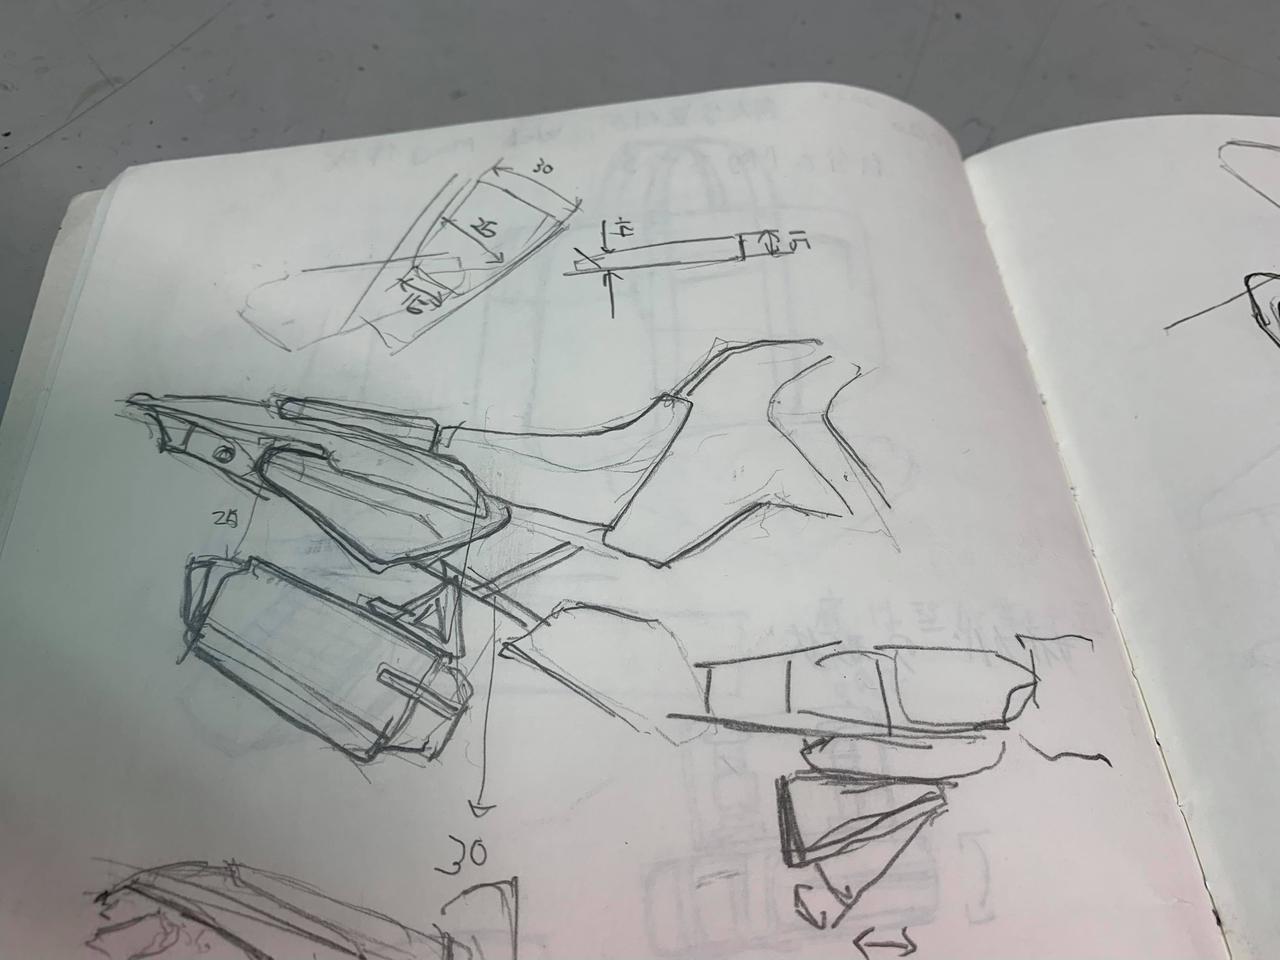 画像: 「三橋 淳のアフリカツイン 北駆南走」第31回「究極のツーリングバッグを造る」 - webオートバイ